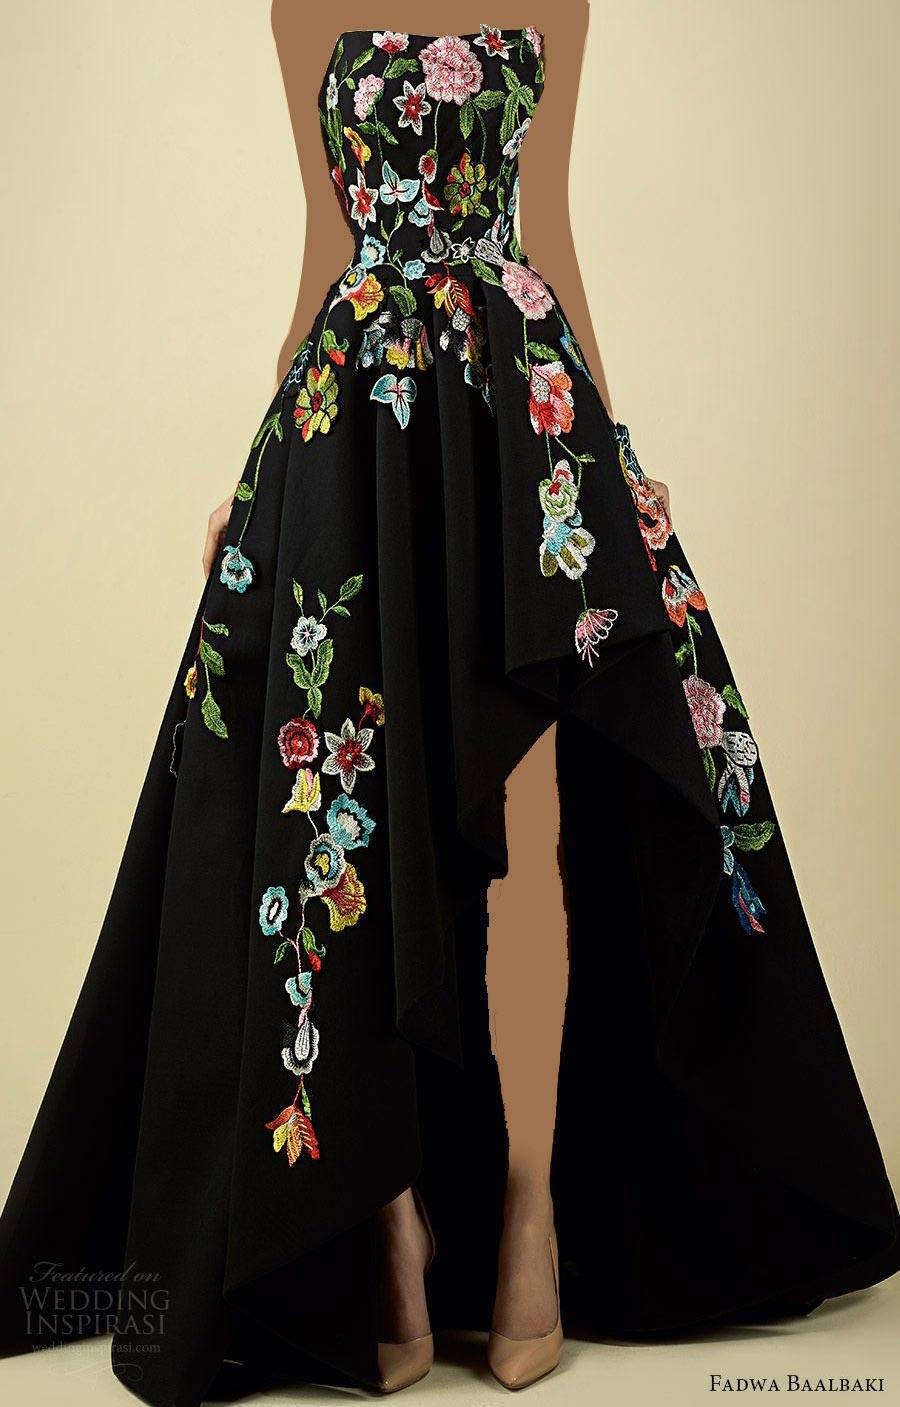 انواع مدل لباس مجلسی دخترانه بلند گل گلی